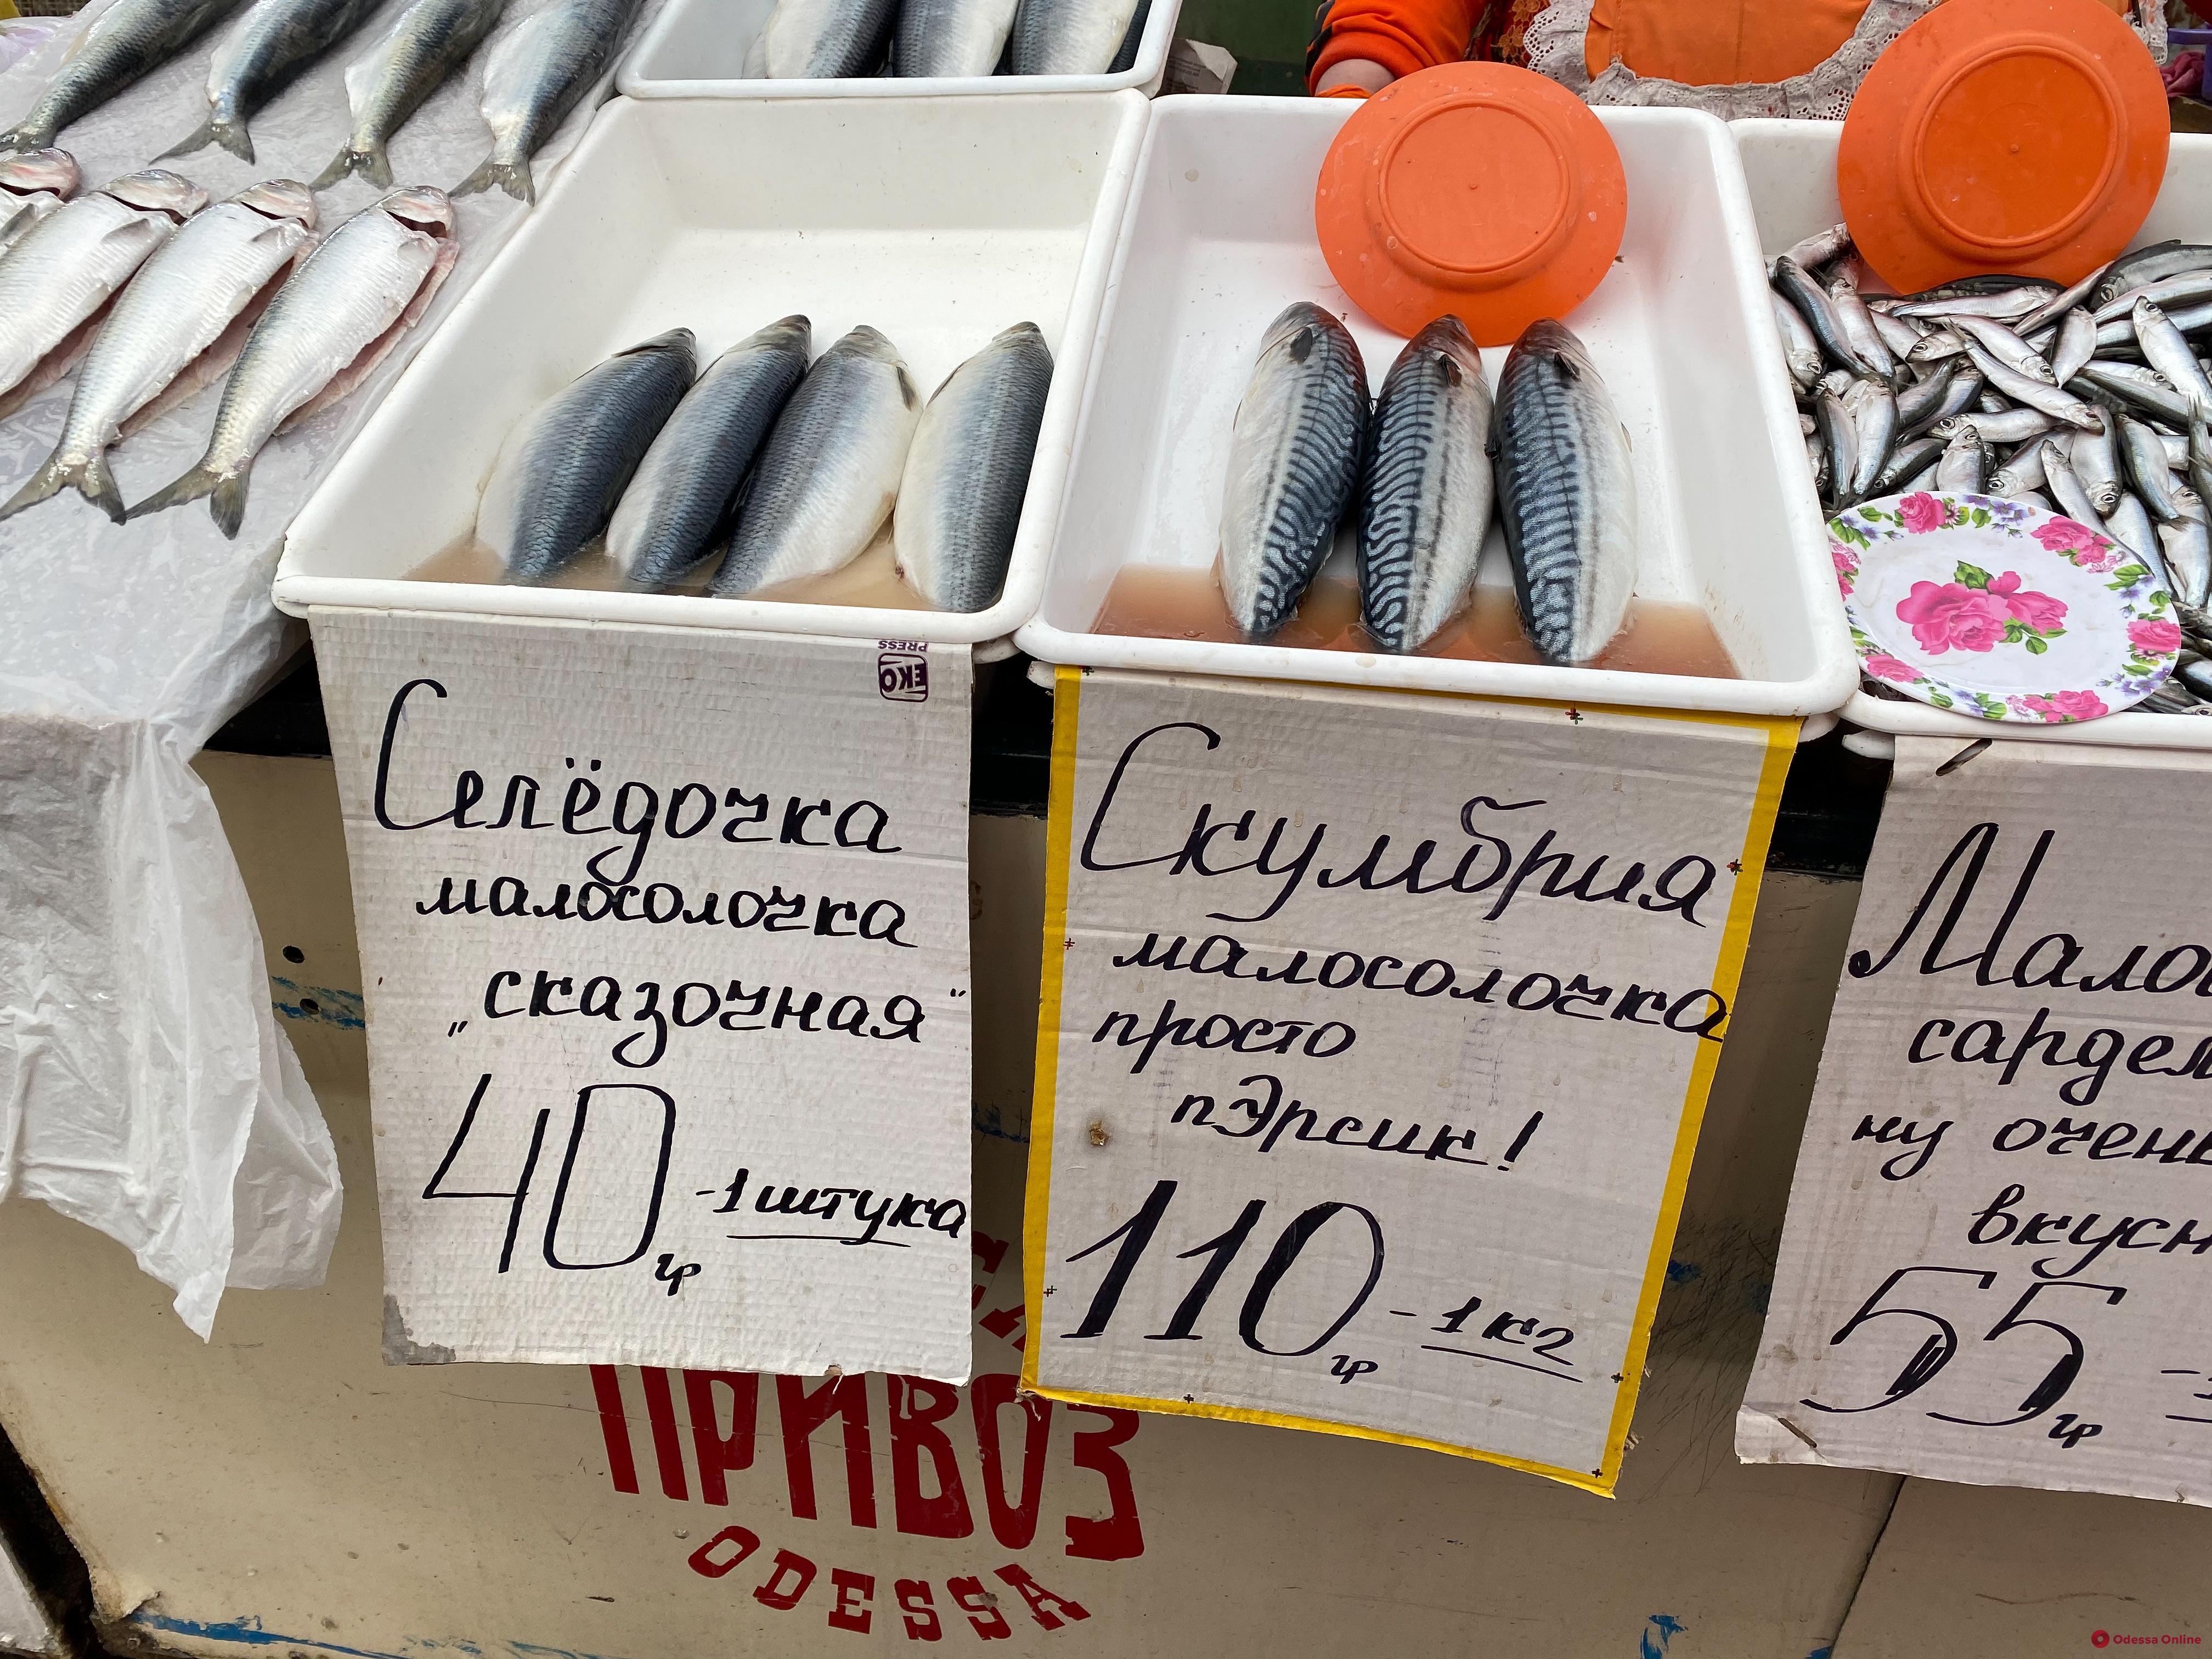 Груши, селедка и творог: воскресные цены на одесском «Привозе»